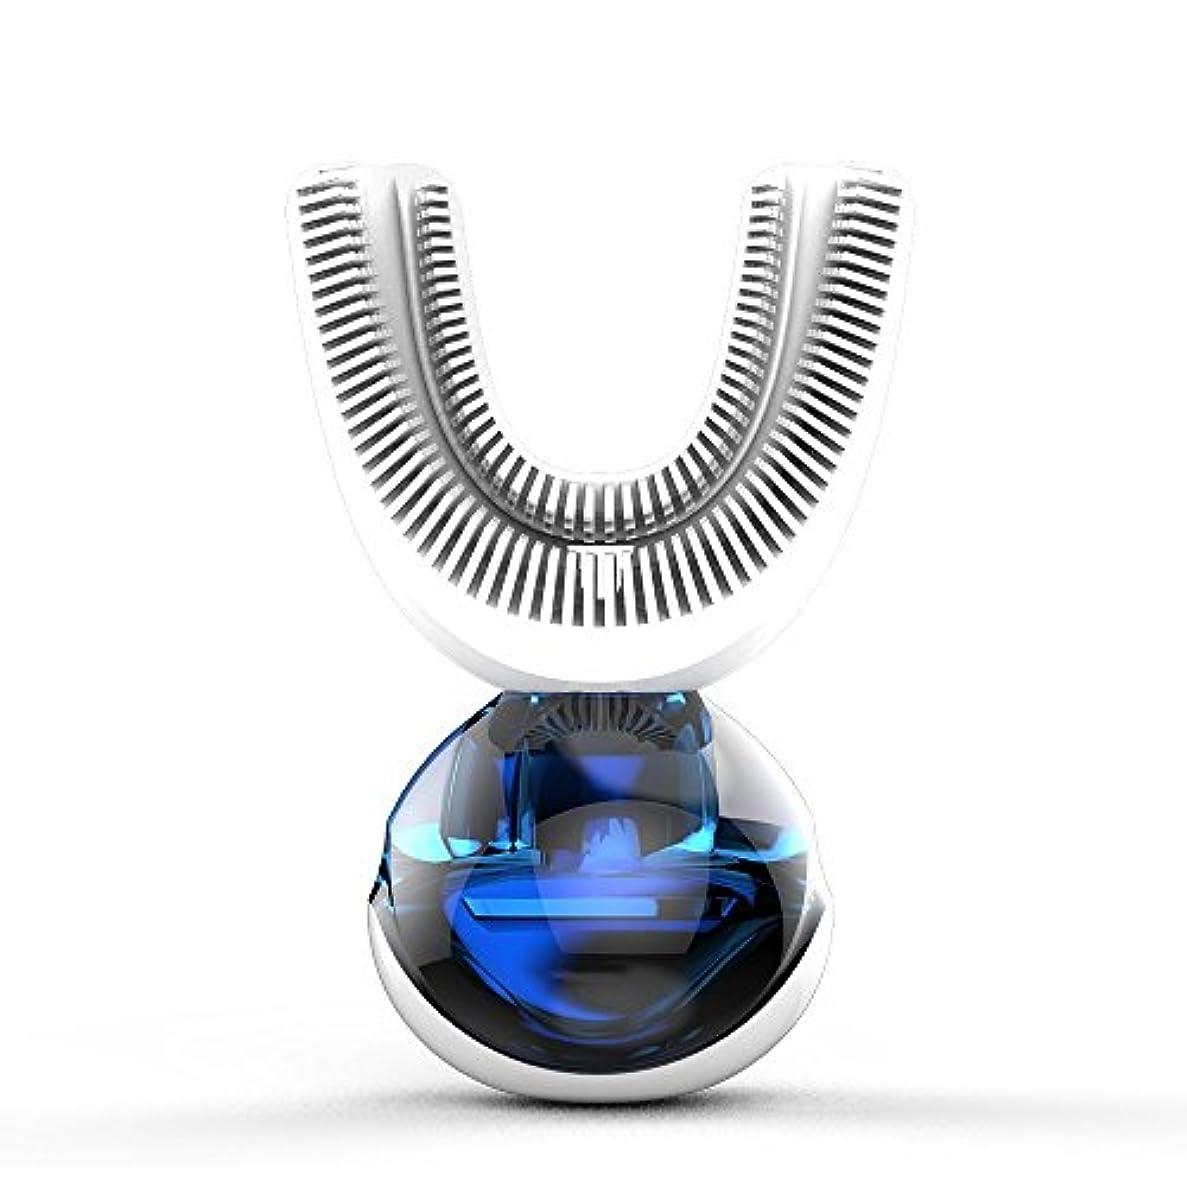 逸話神経血フルオートマチック可変周波数電動歯ブラシ、自動360度U字型電動歯ブラシ、ワイヤレス充電IPX7防水自動歯ブラシ(大人用)